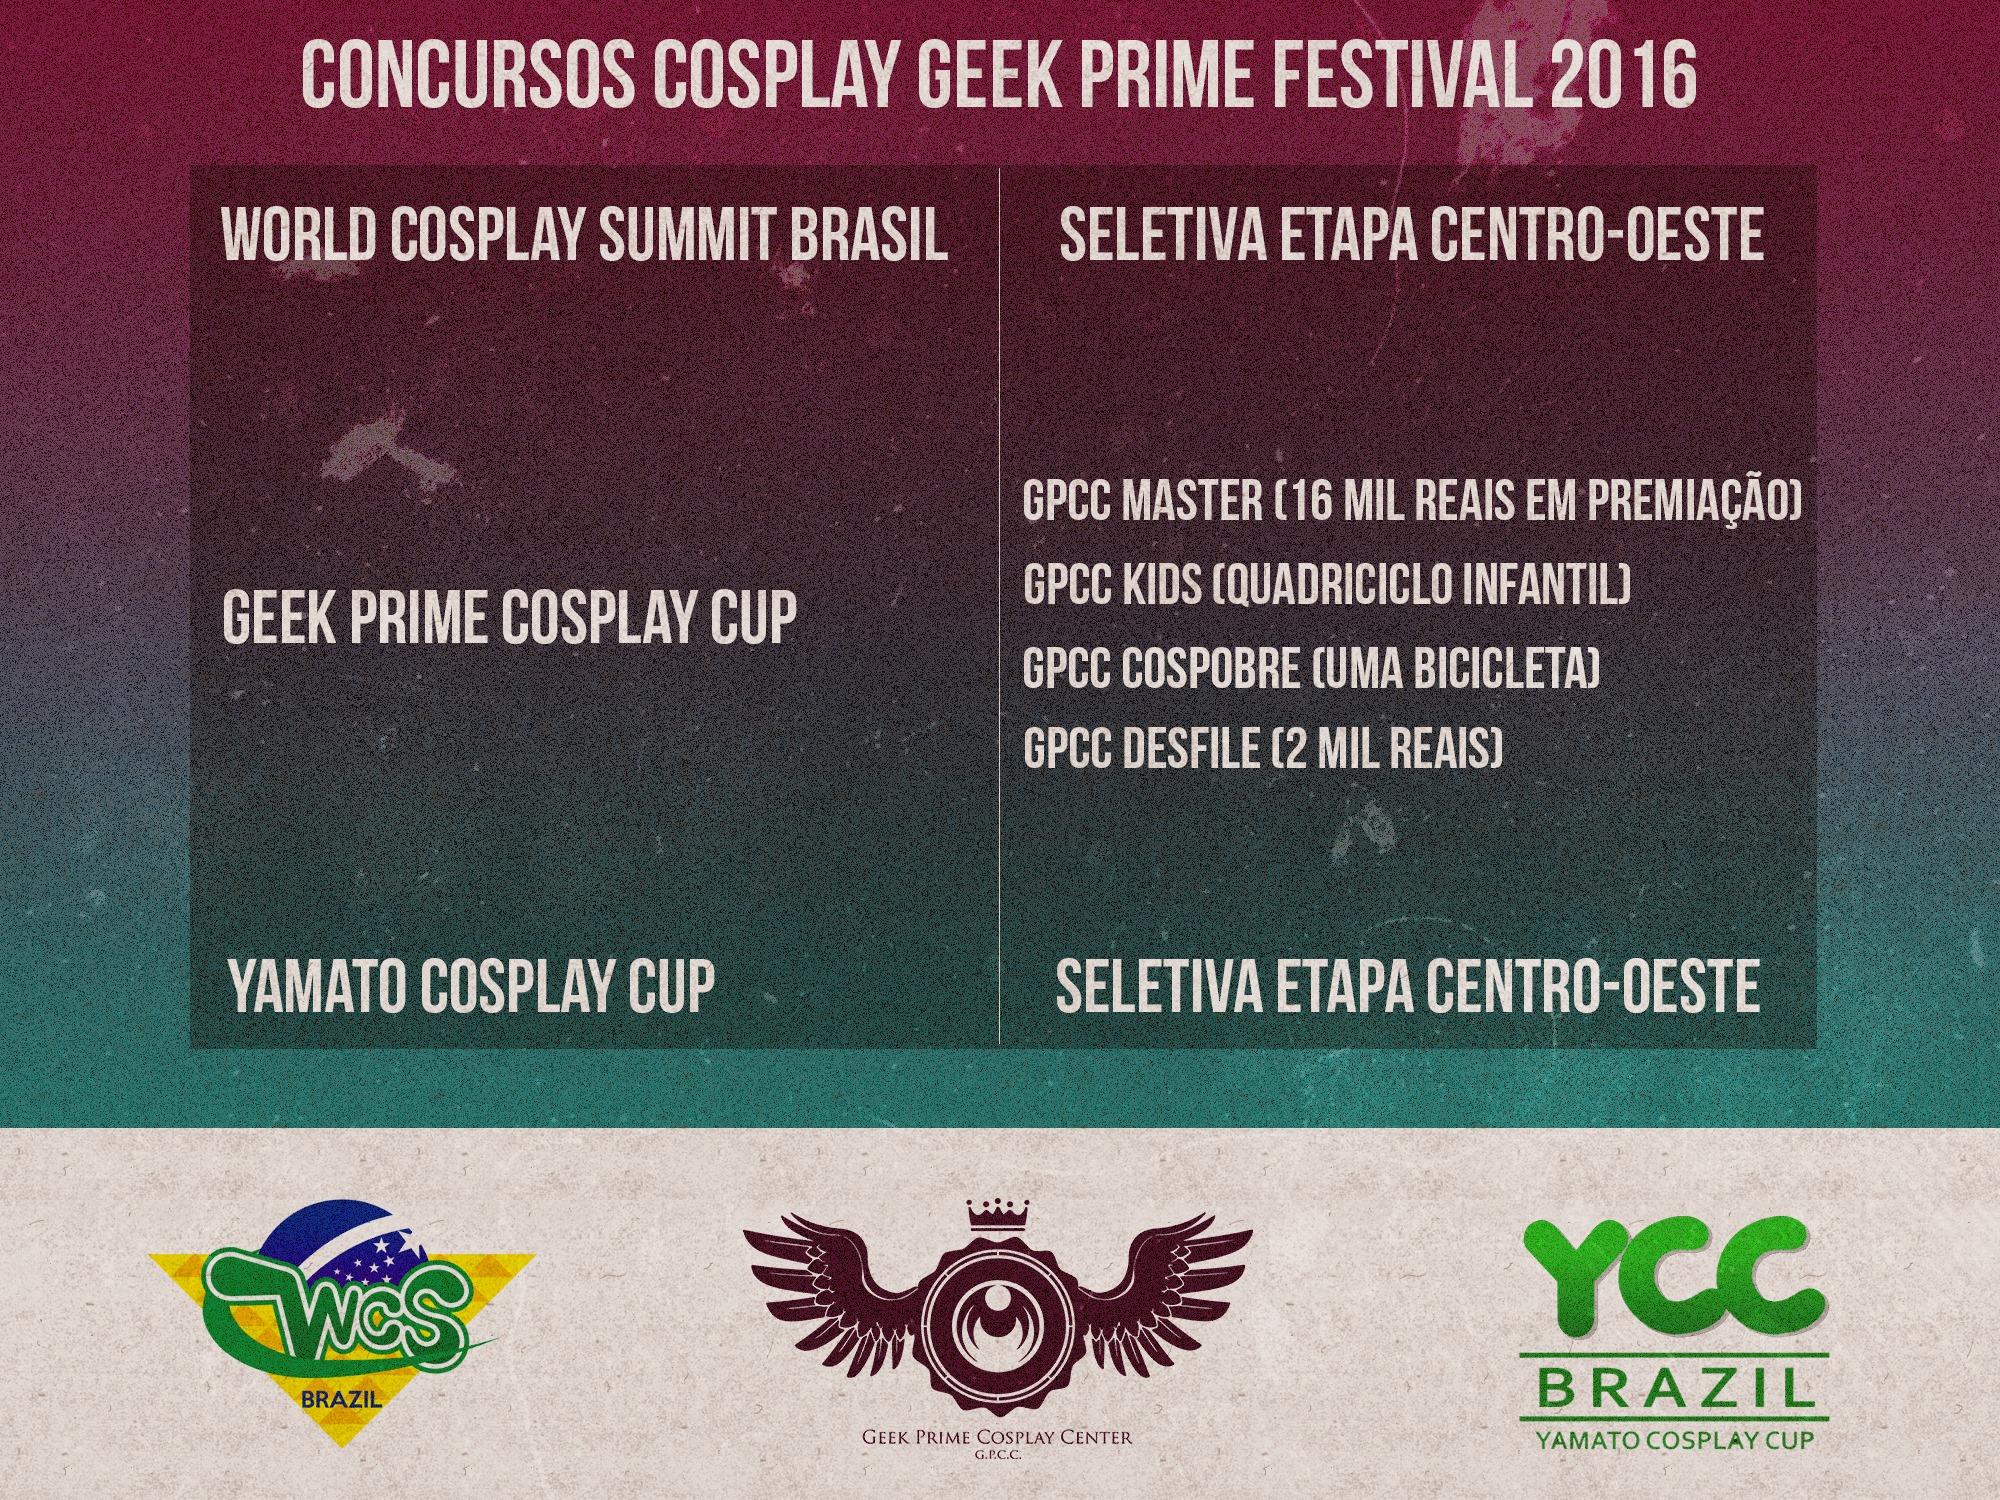 Geek prime cosplay ycc wcs